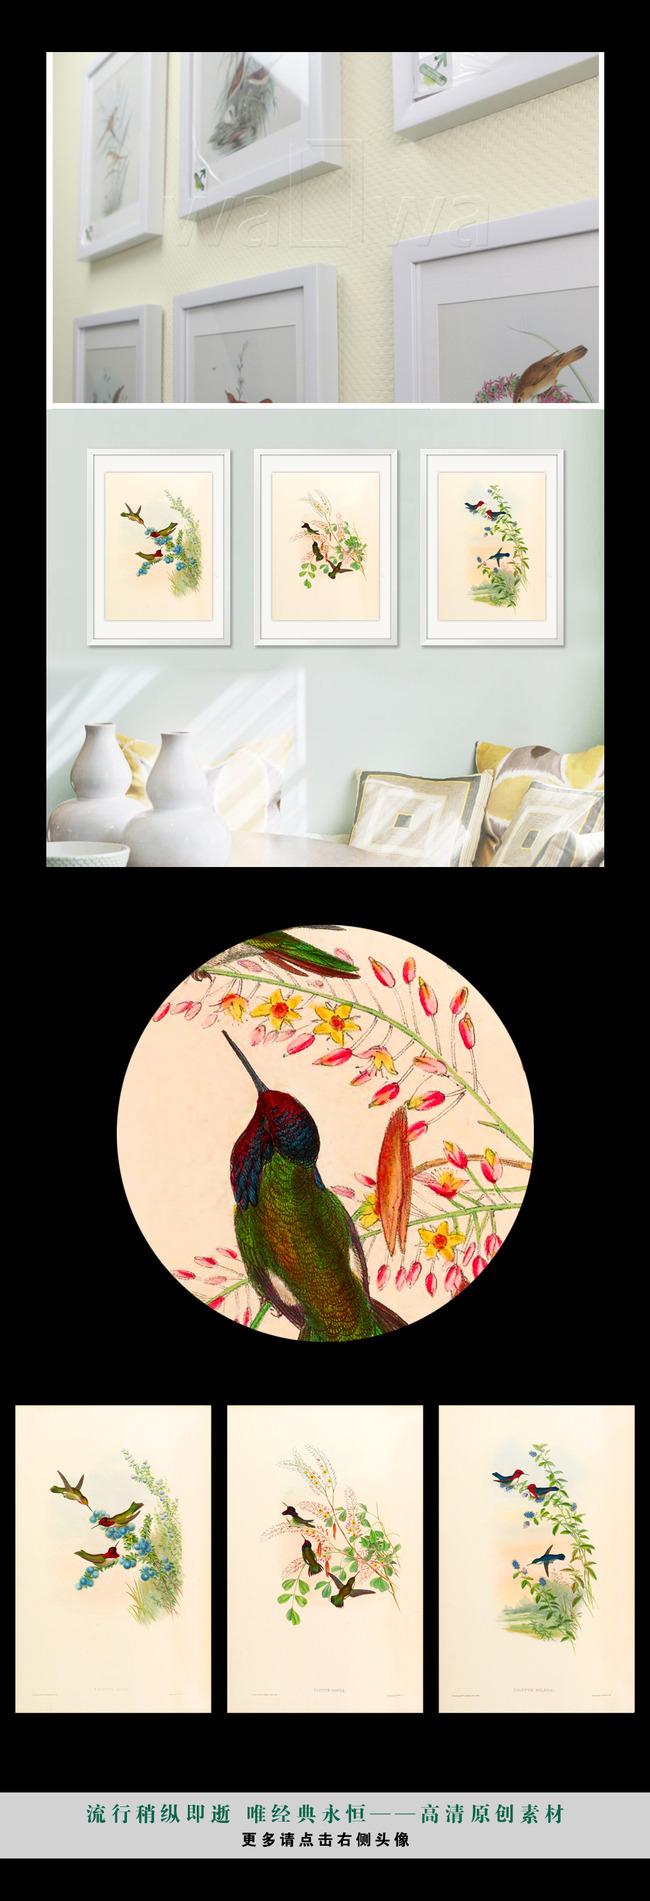 手绘简约复古小清新植物花鸟装饰画配画高清图片下载